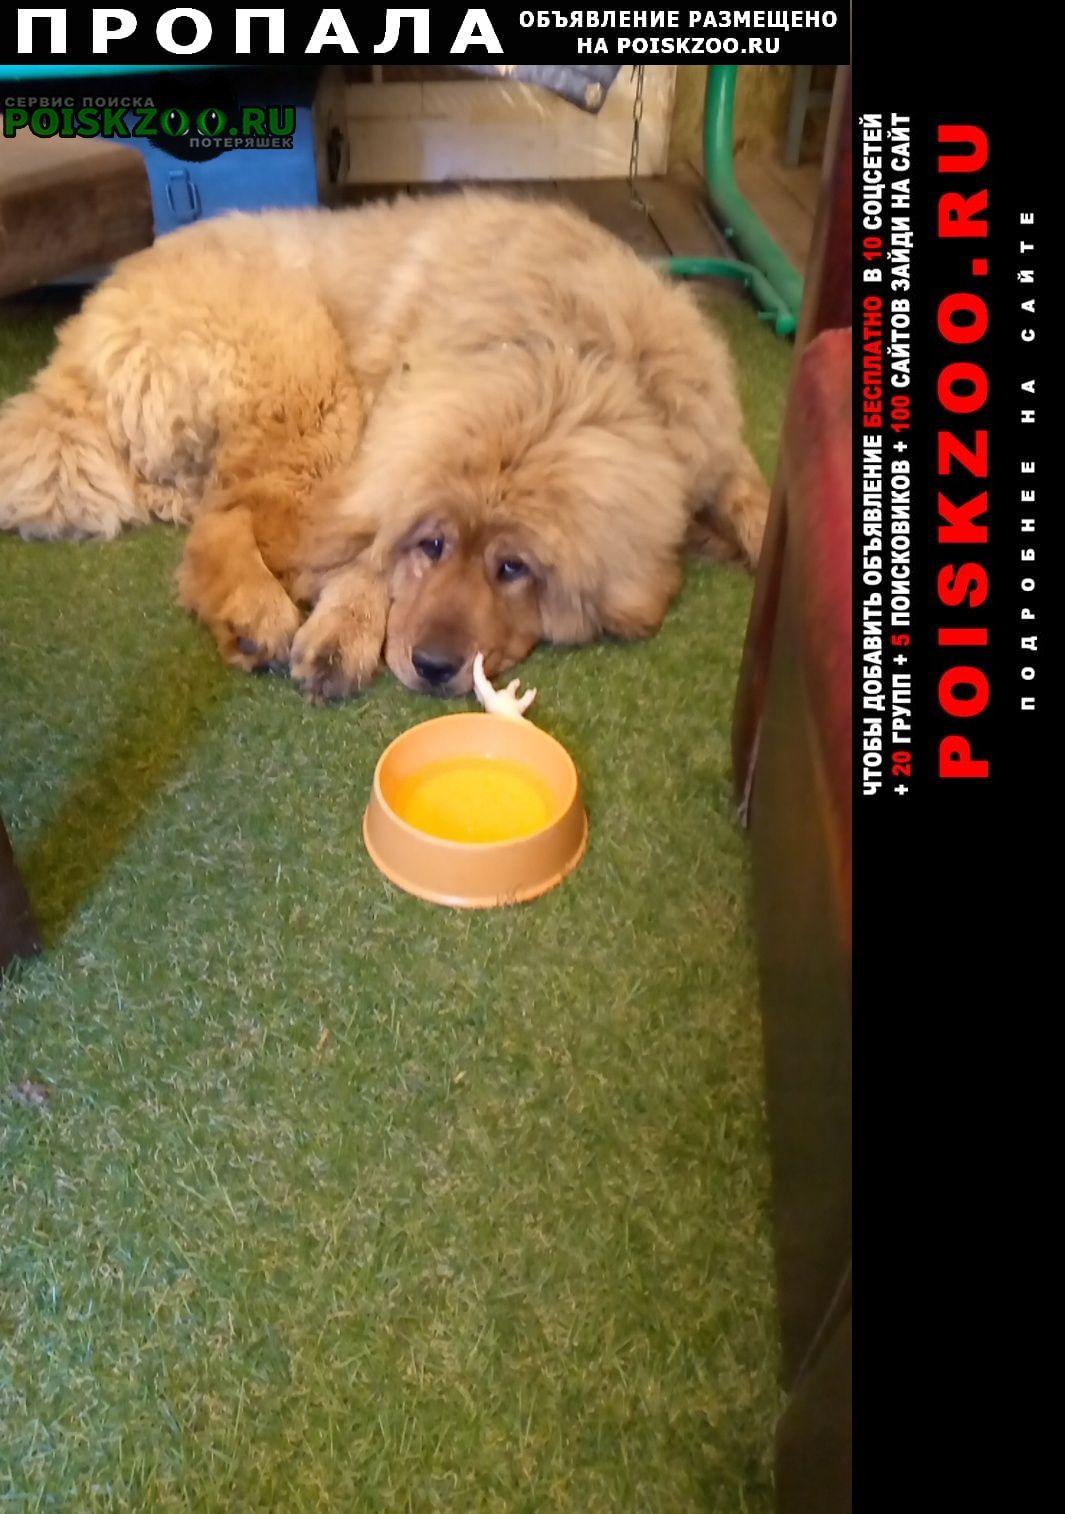 Пропала собака девочка тибет Печоры